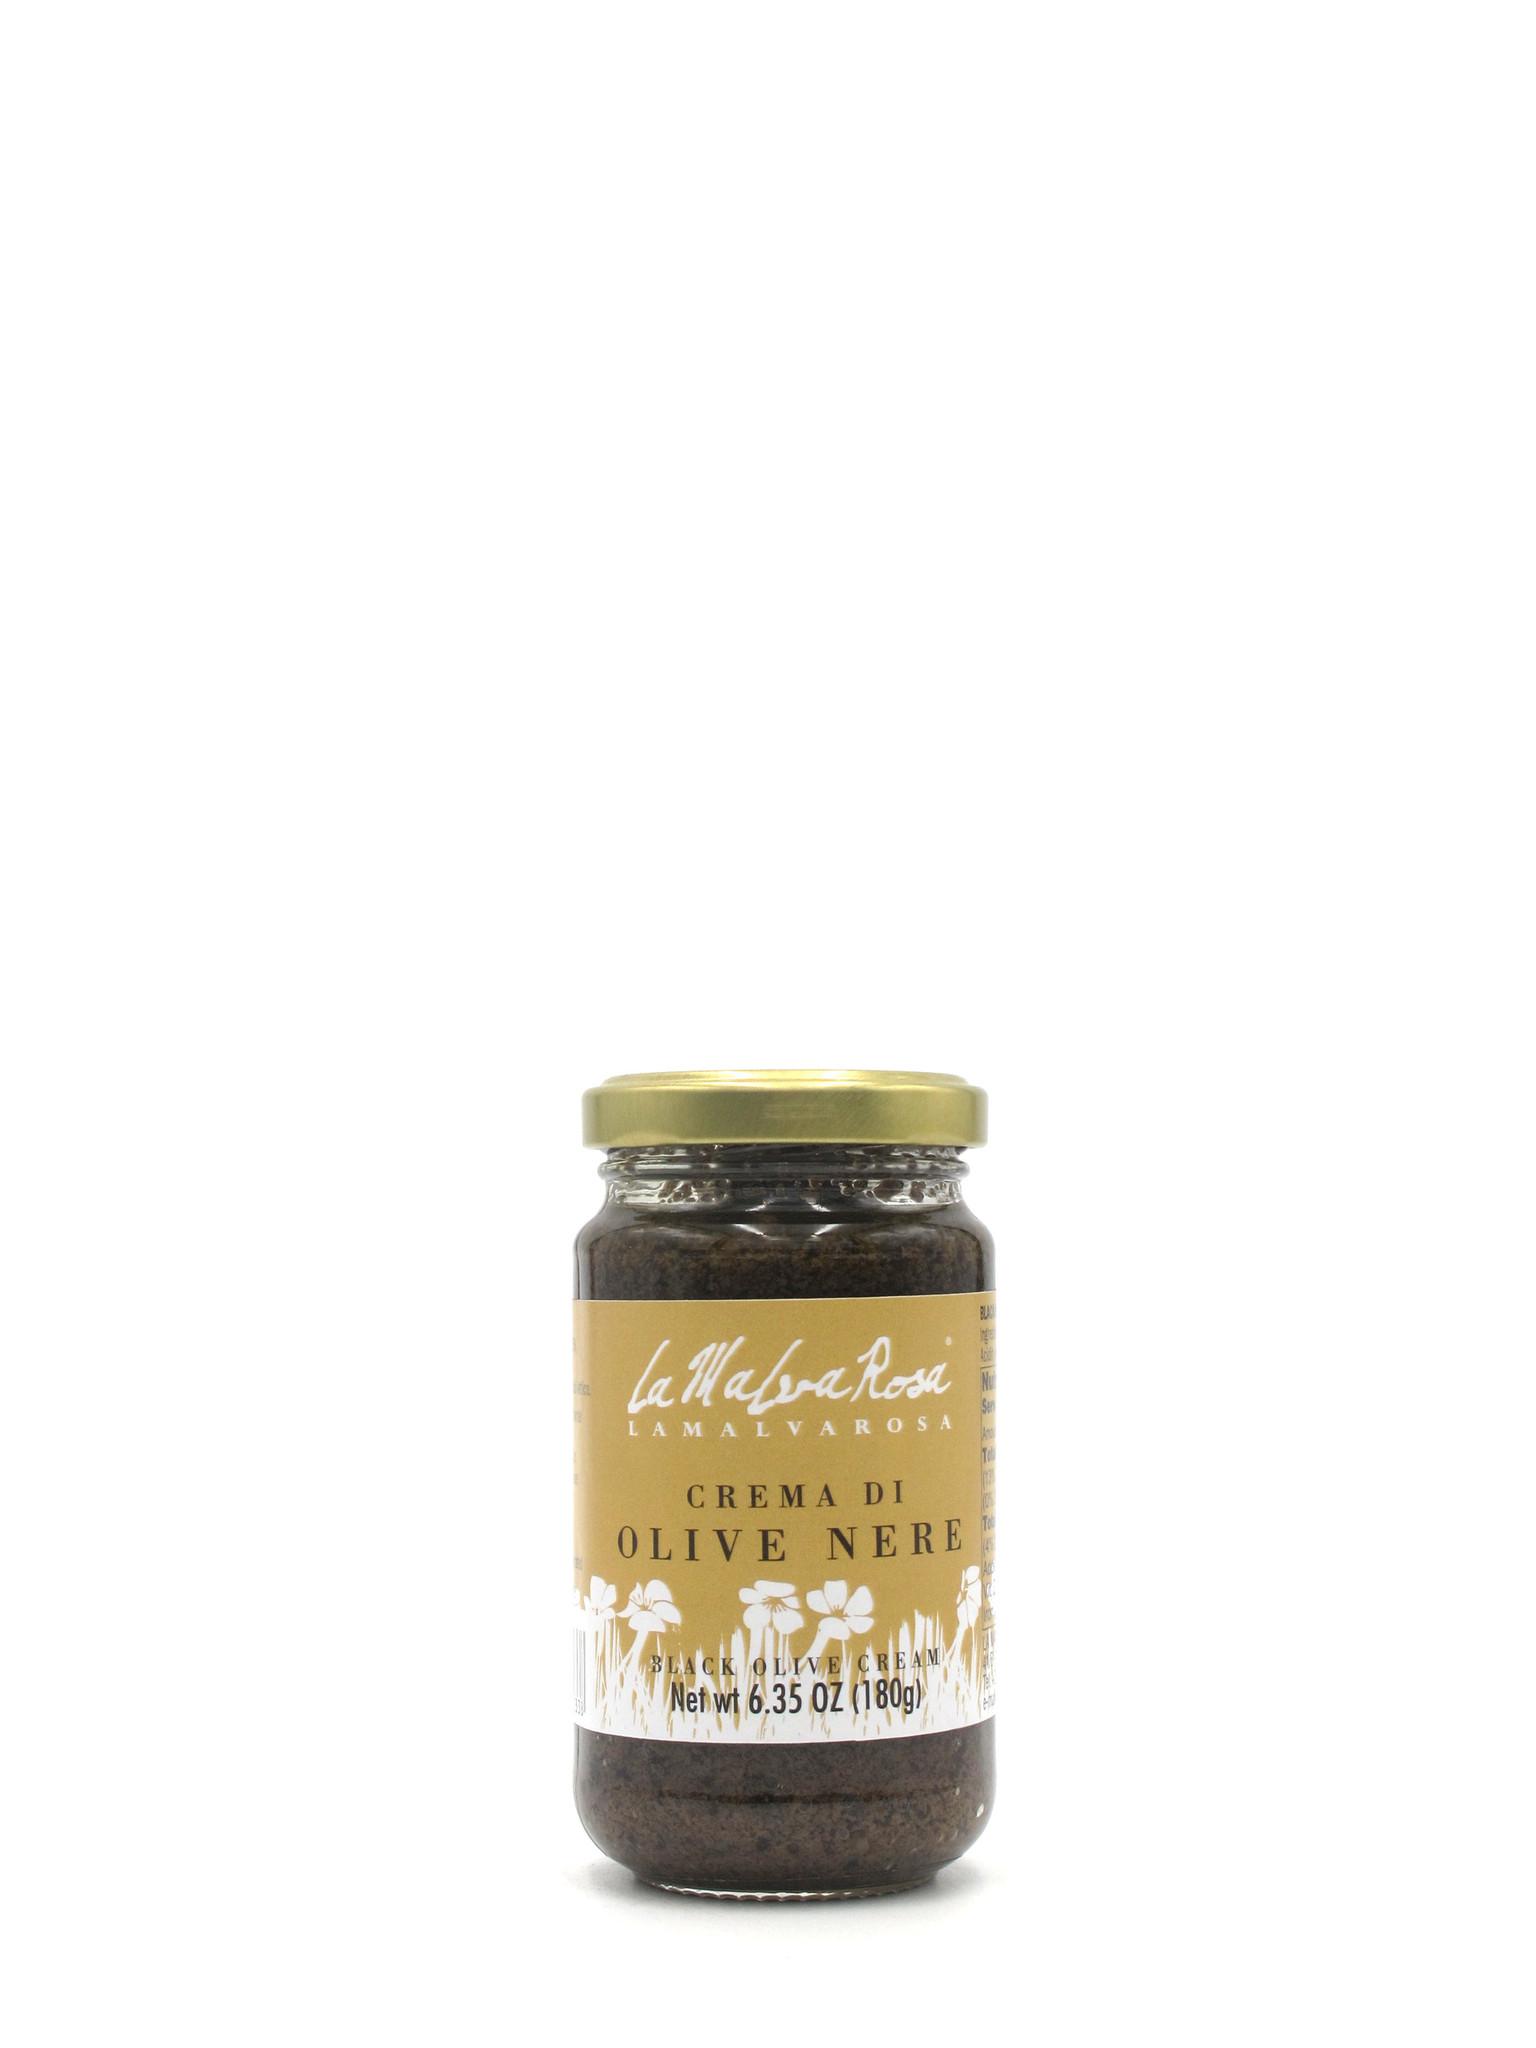 La Malva Rosa La Malva Rosa Crema di Olive Nere 180g